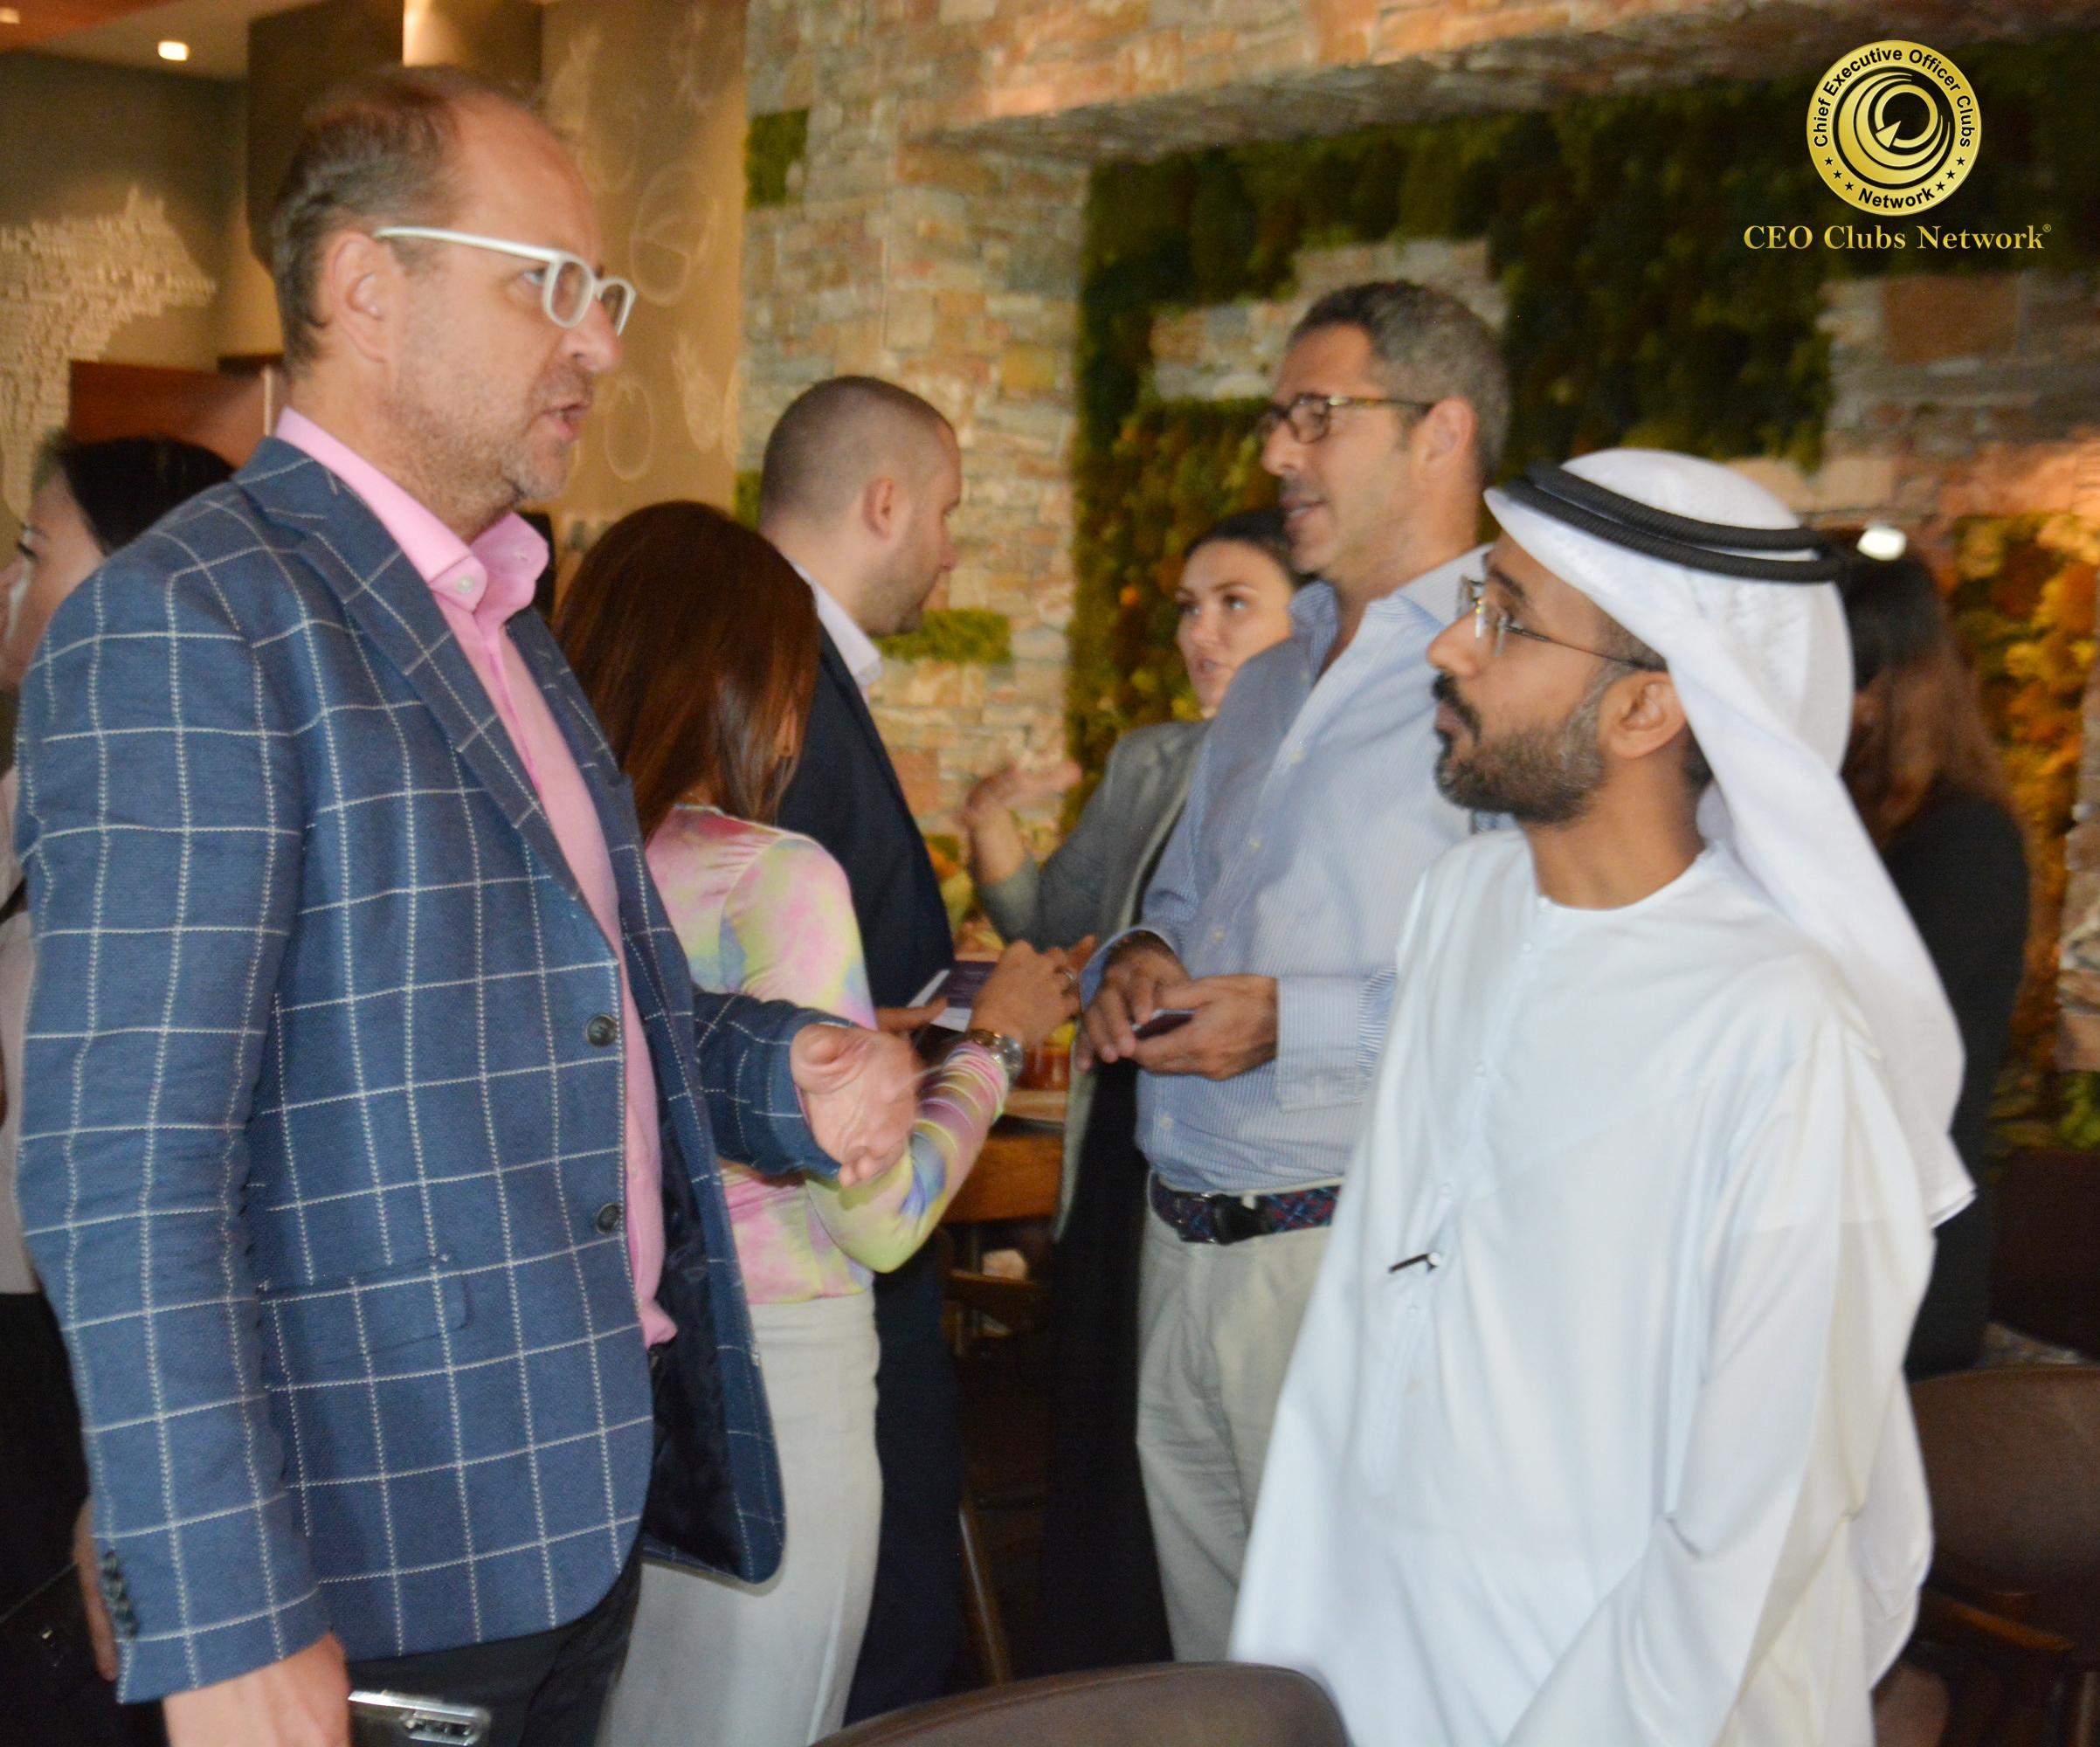 CEO Clubs Hi Tea Event